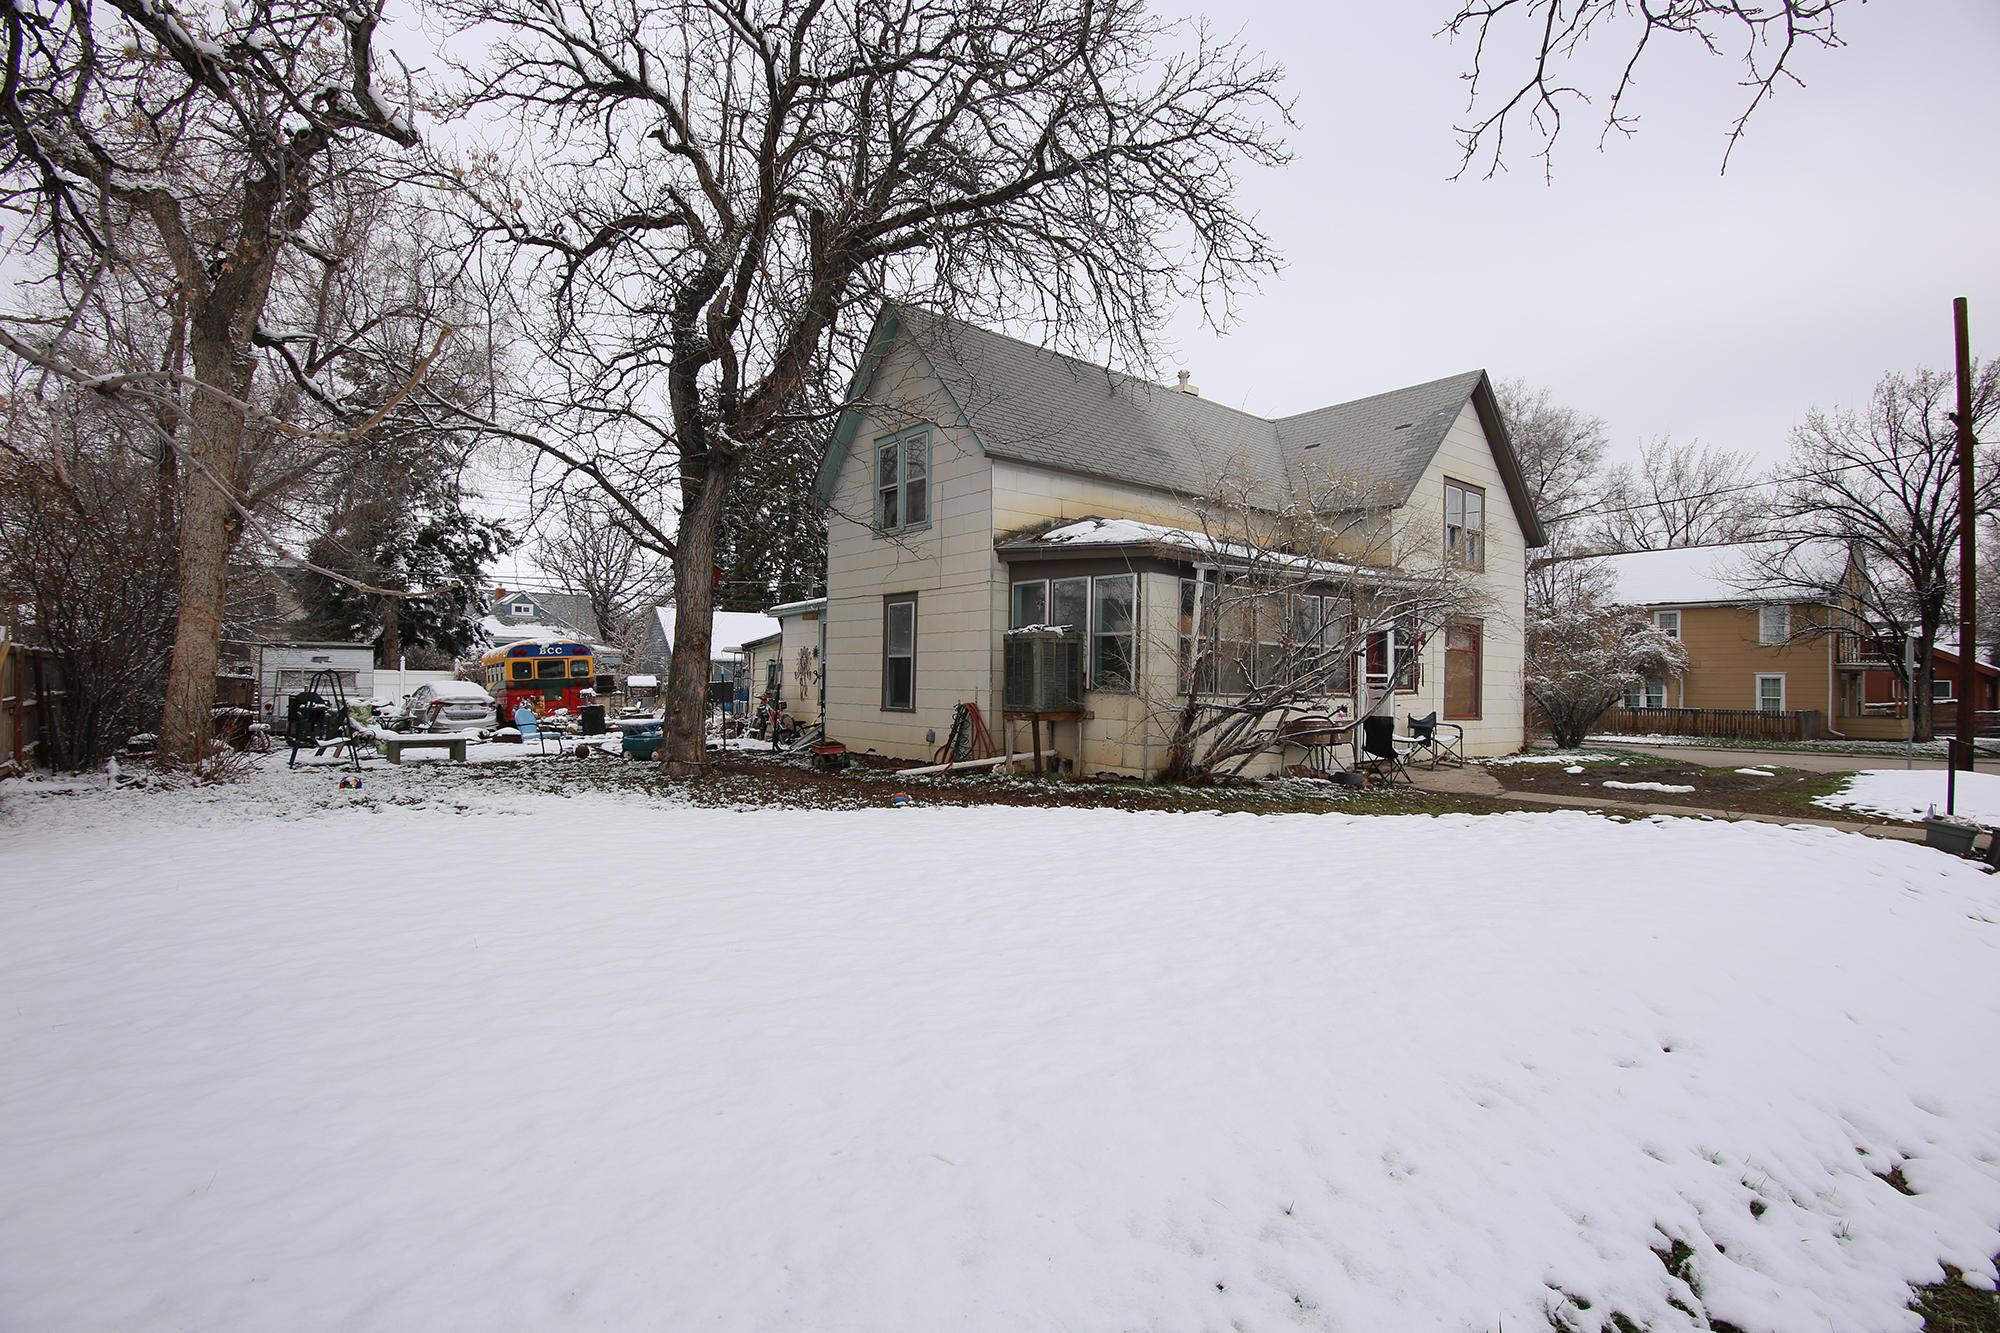 954 N Gould Street, Sheridan, Wyoming 82801, 5 Bedrooms Bedrooms, ,2 BathroomsBathrooms,Residential,For Sale,Gould,19-319